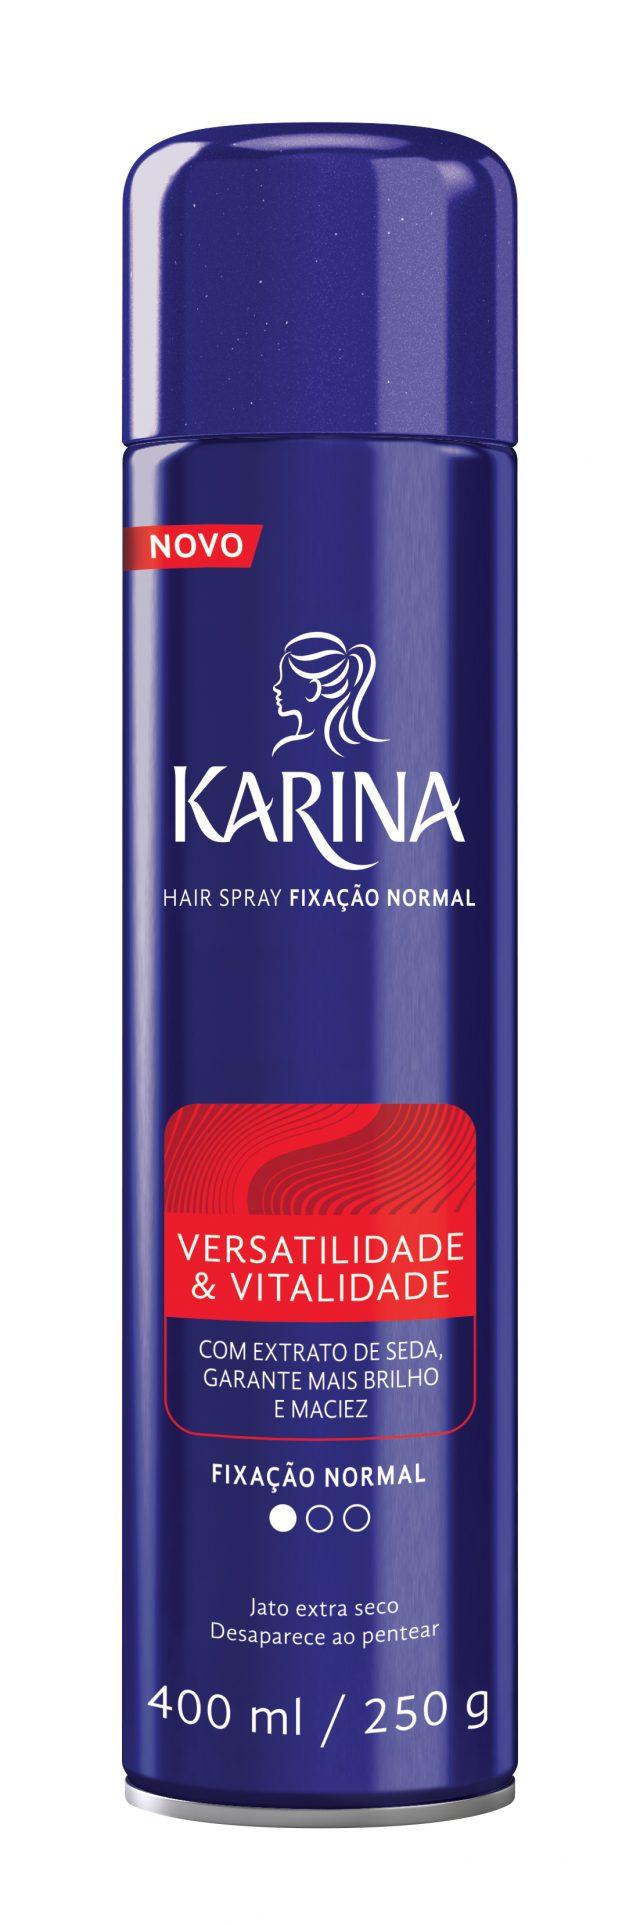 Hair Spray Karina Versatilidade & Vitalidade